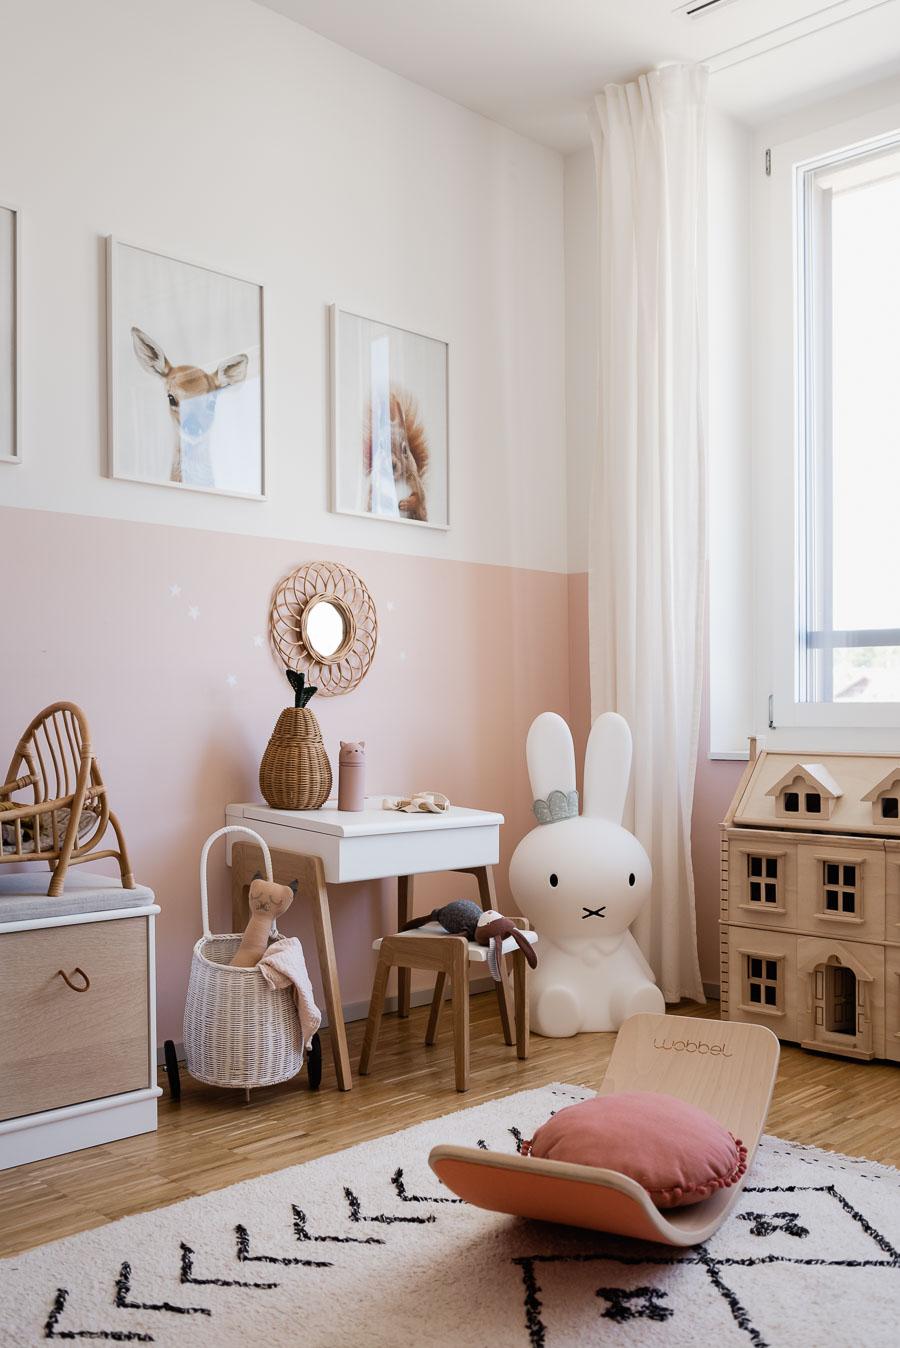 Über die Jahre hat sich unser Mädchenzimmer verändert. Erfahrt alles über unser Kinderzimmer #kinderzimmer #mädchenzimmer #kidsroom